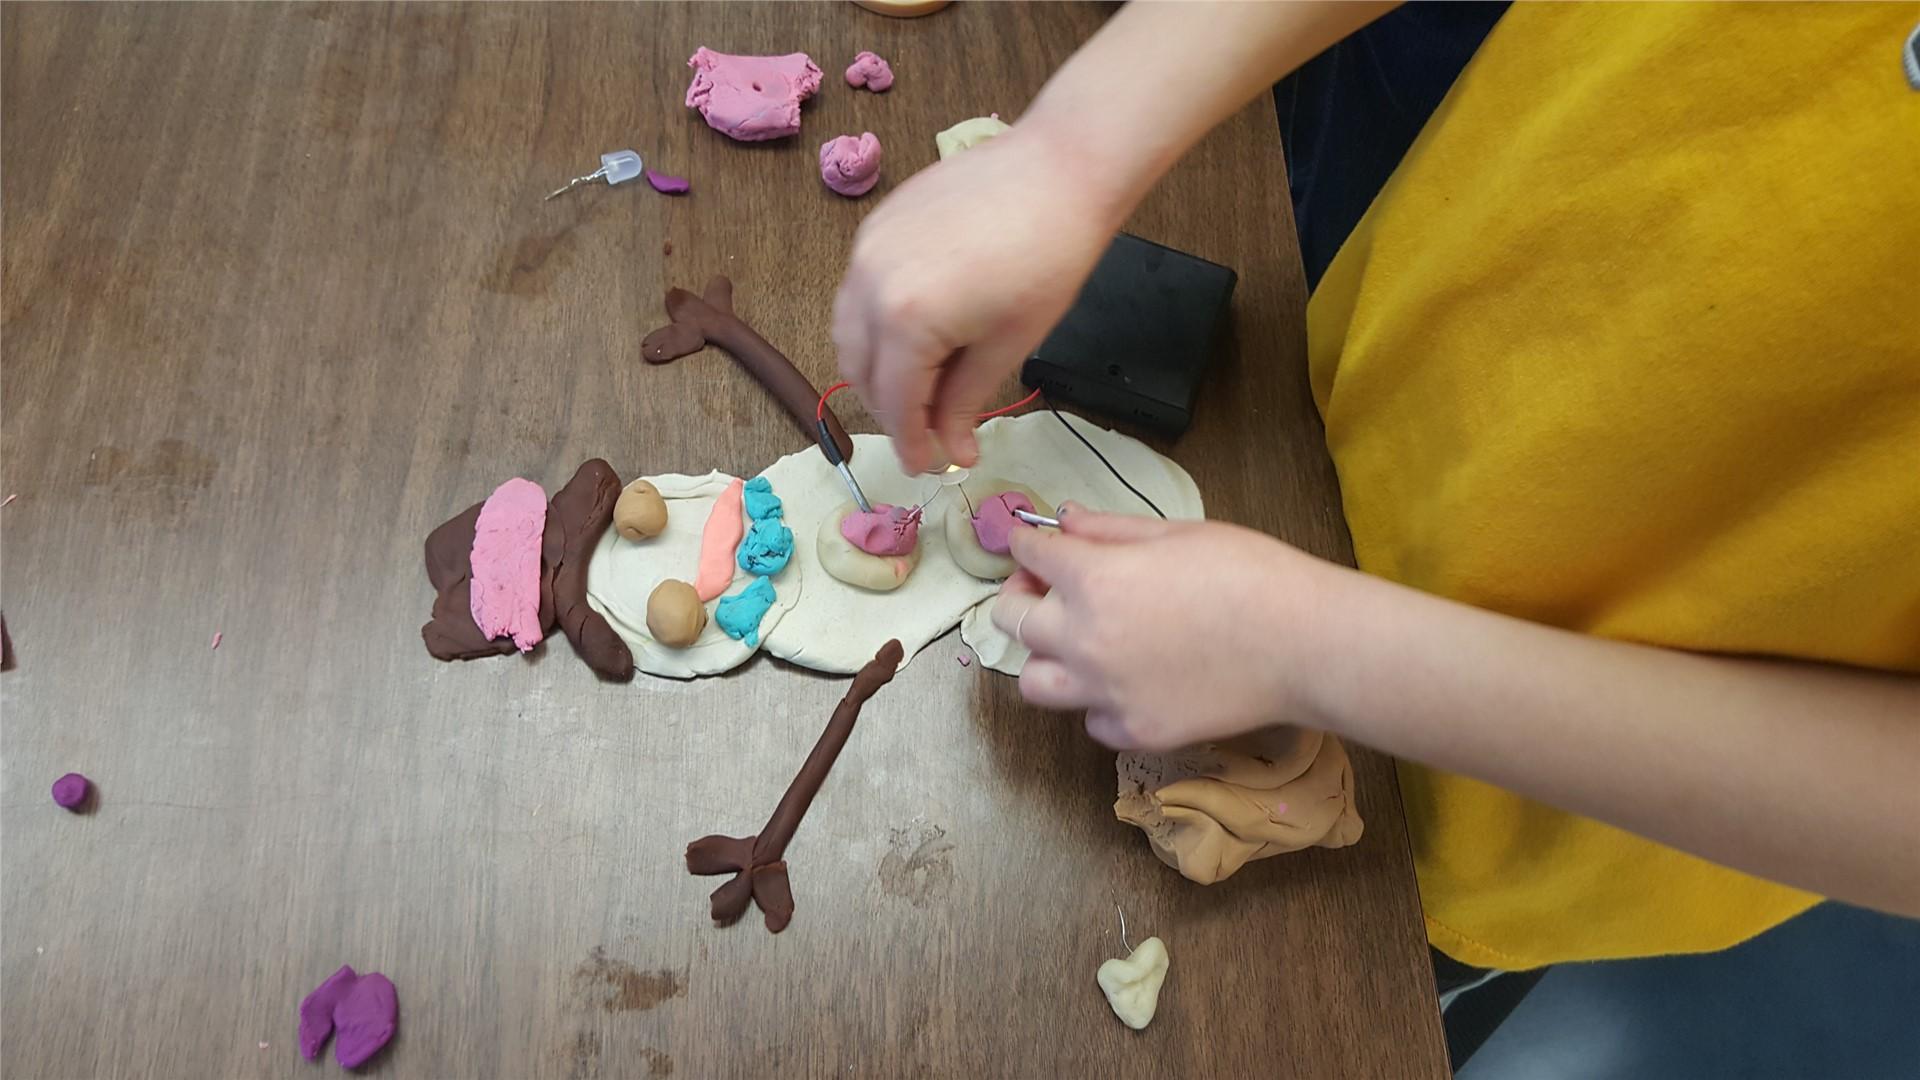 Hands creating snowman sculpture